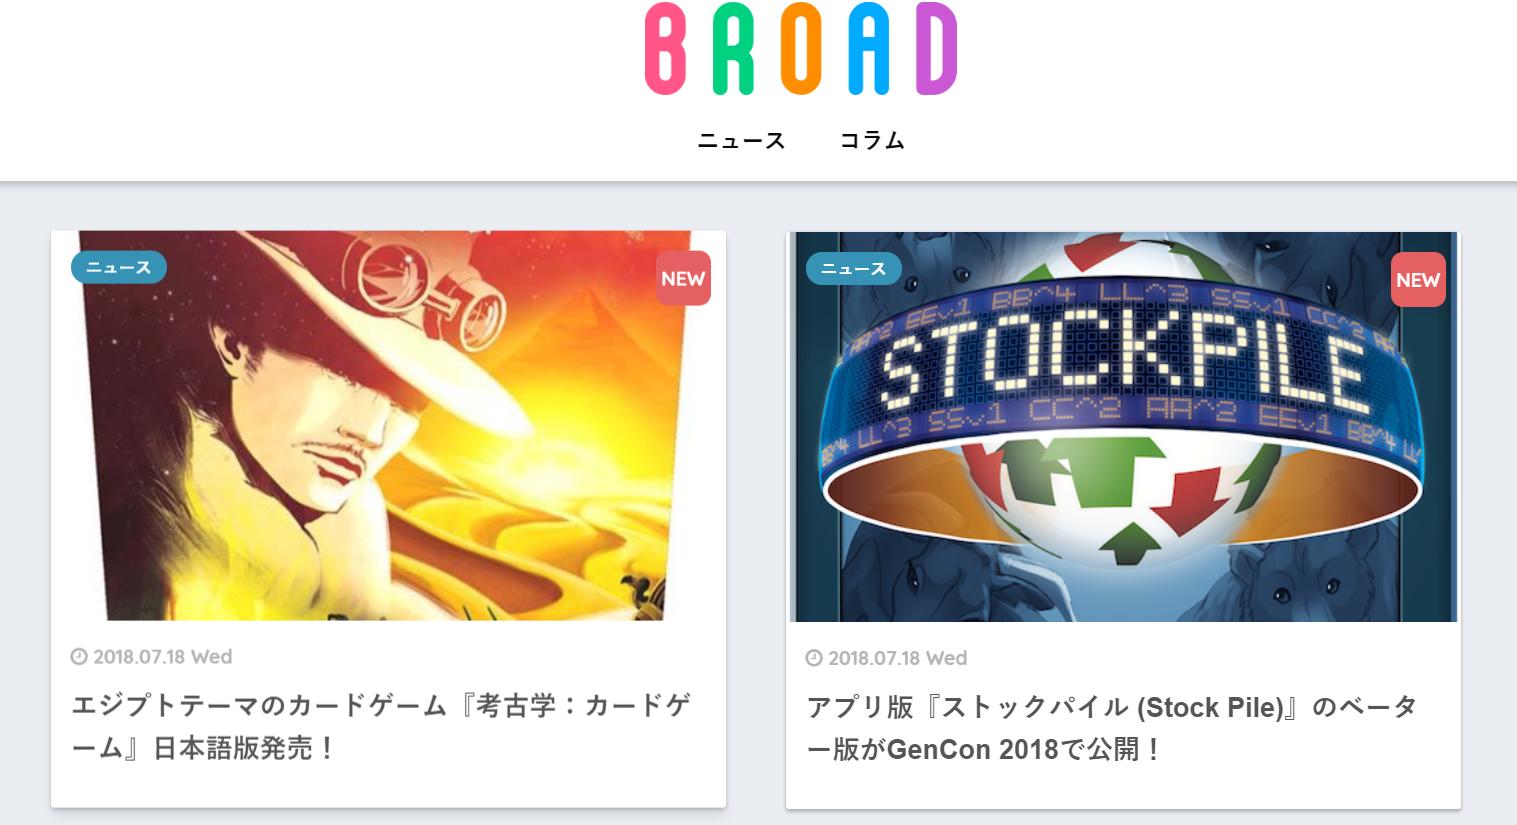 【お知らせ】ボードゲームマガジン「BROAD」でニュース発信はじめます!